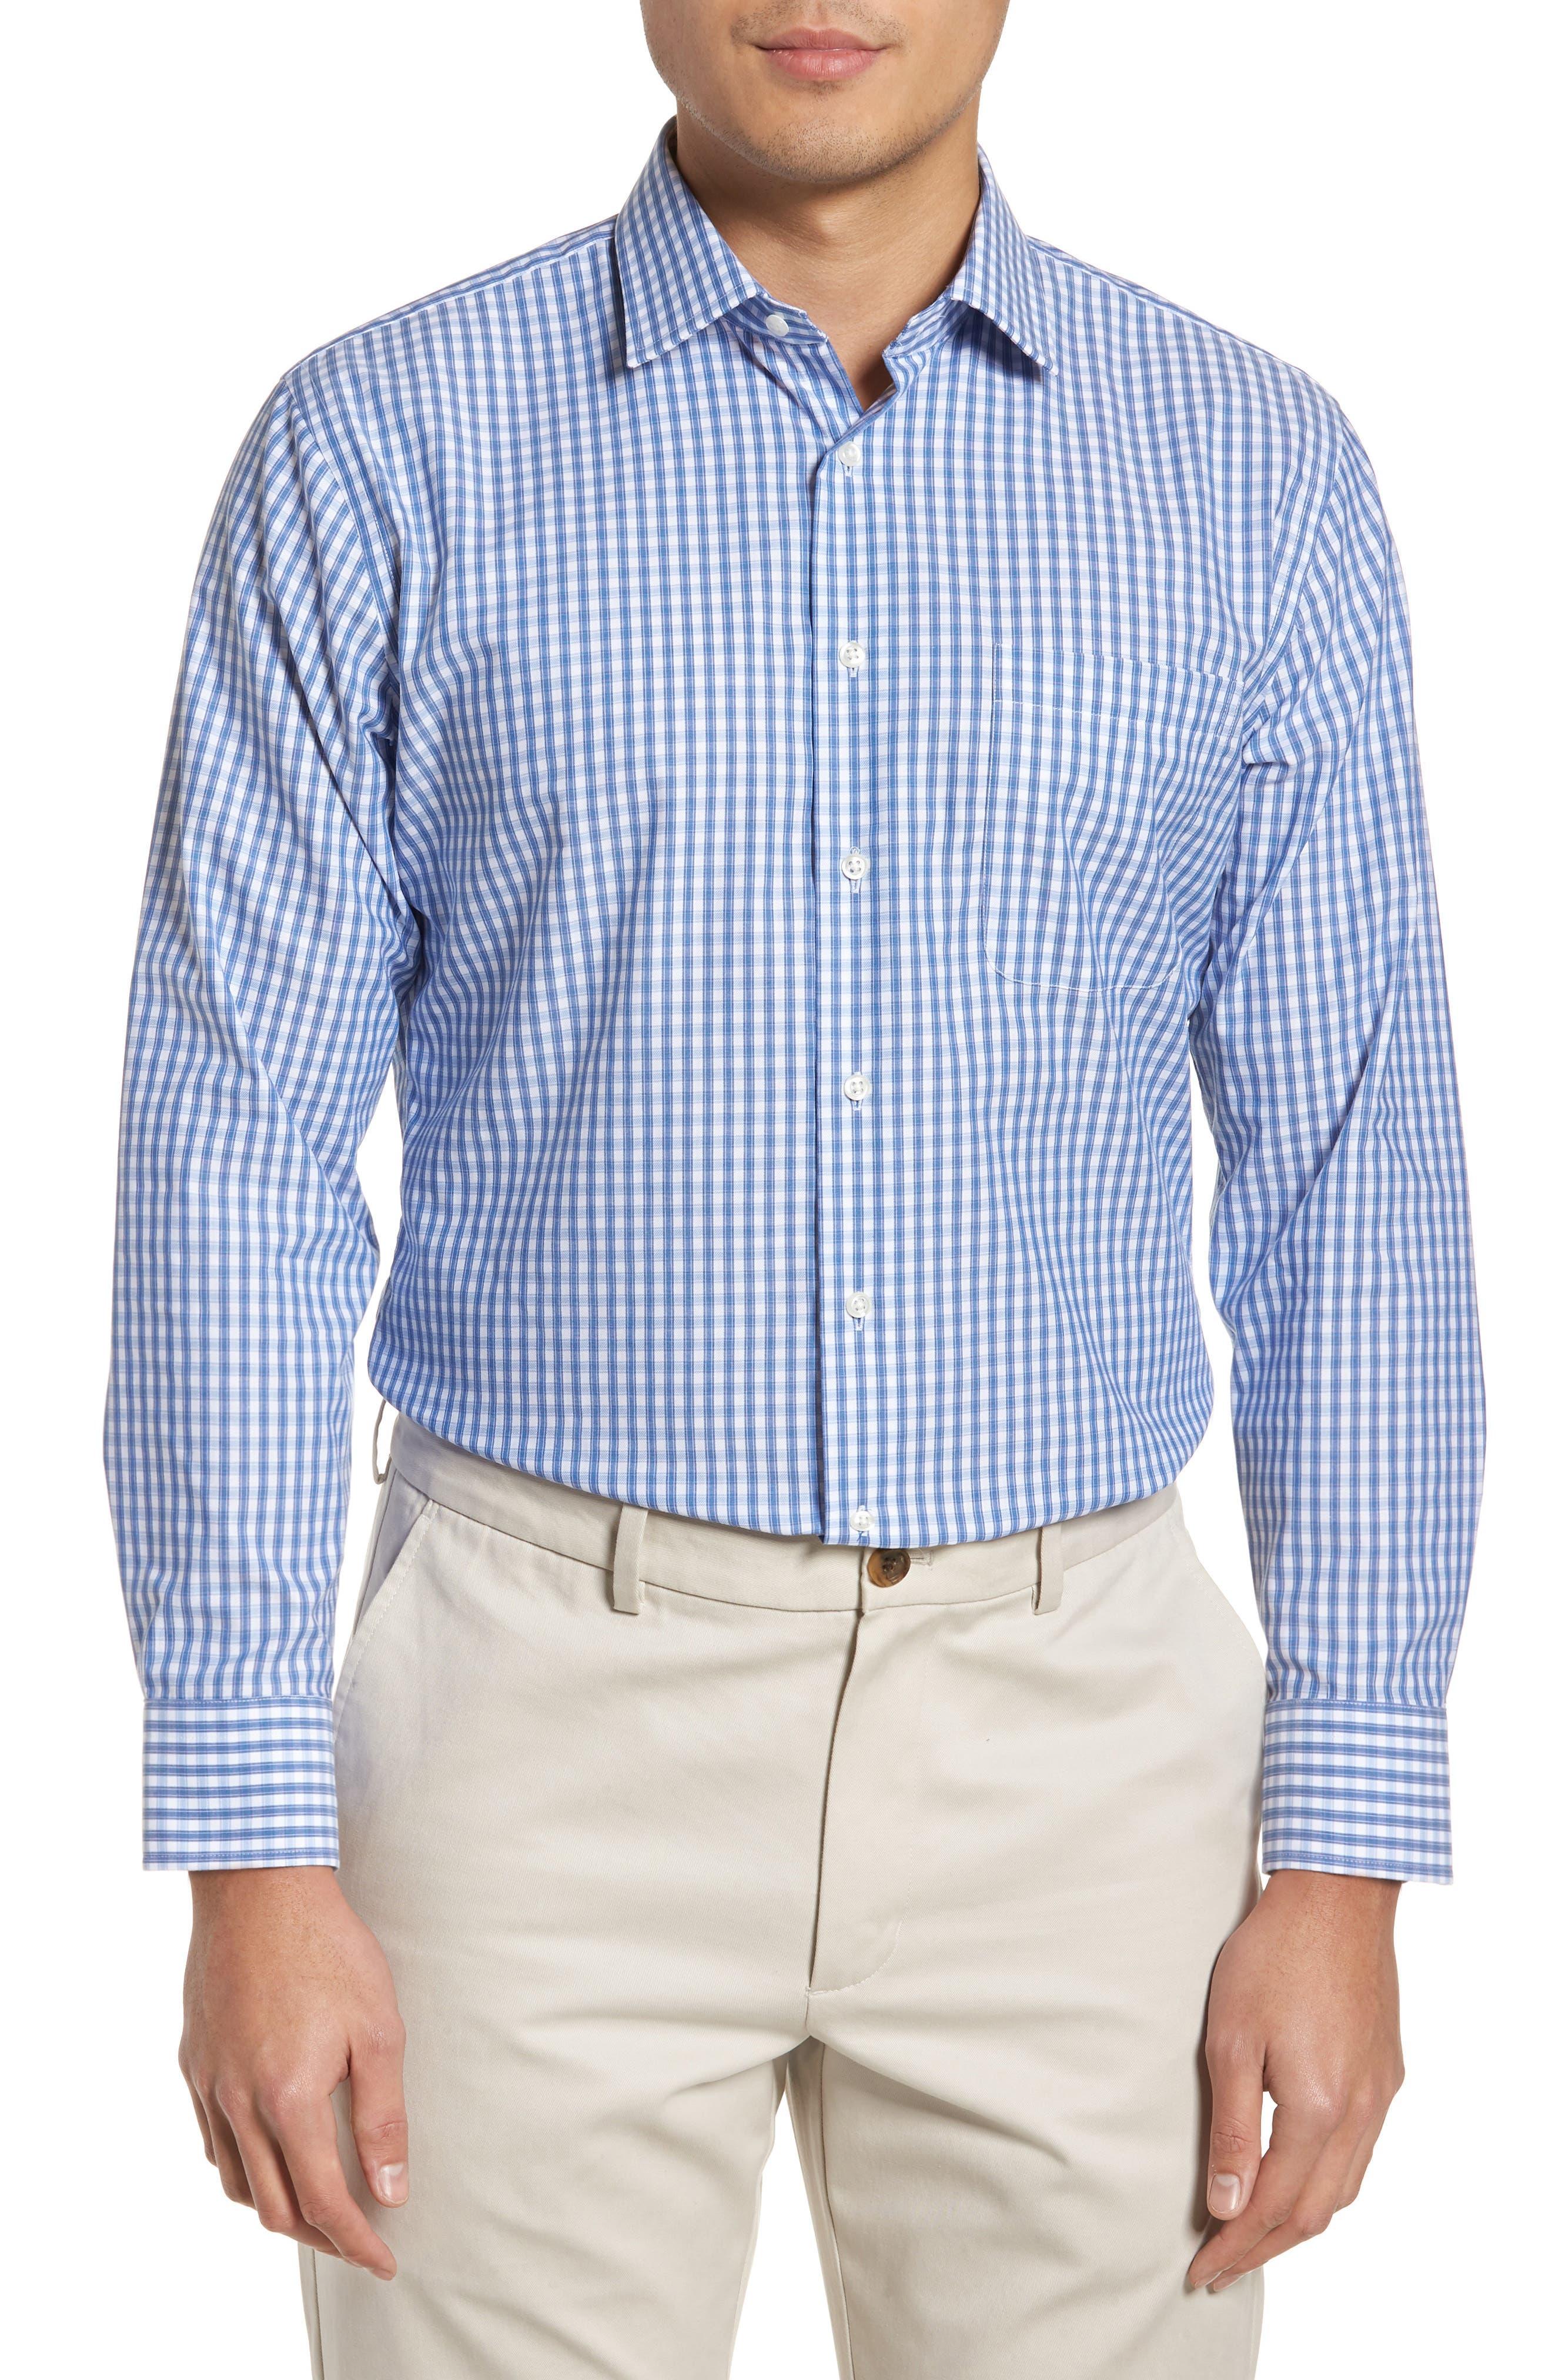 Main Image - Nordstrom Men's Shop Trim Fit Non-Iron Check Dress Shirt